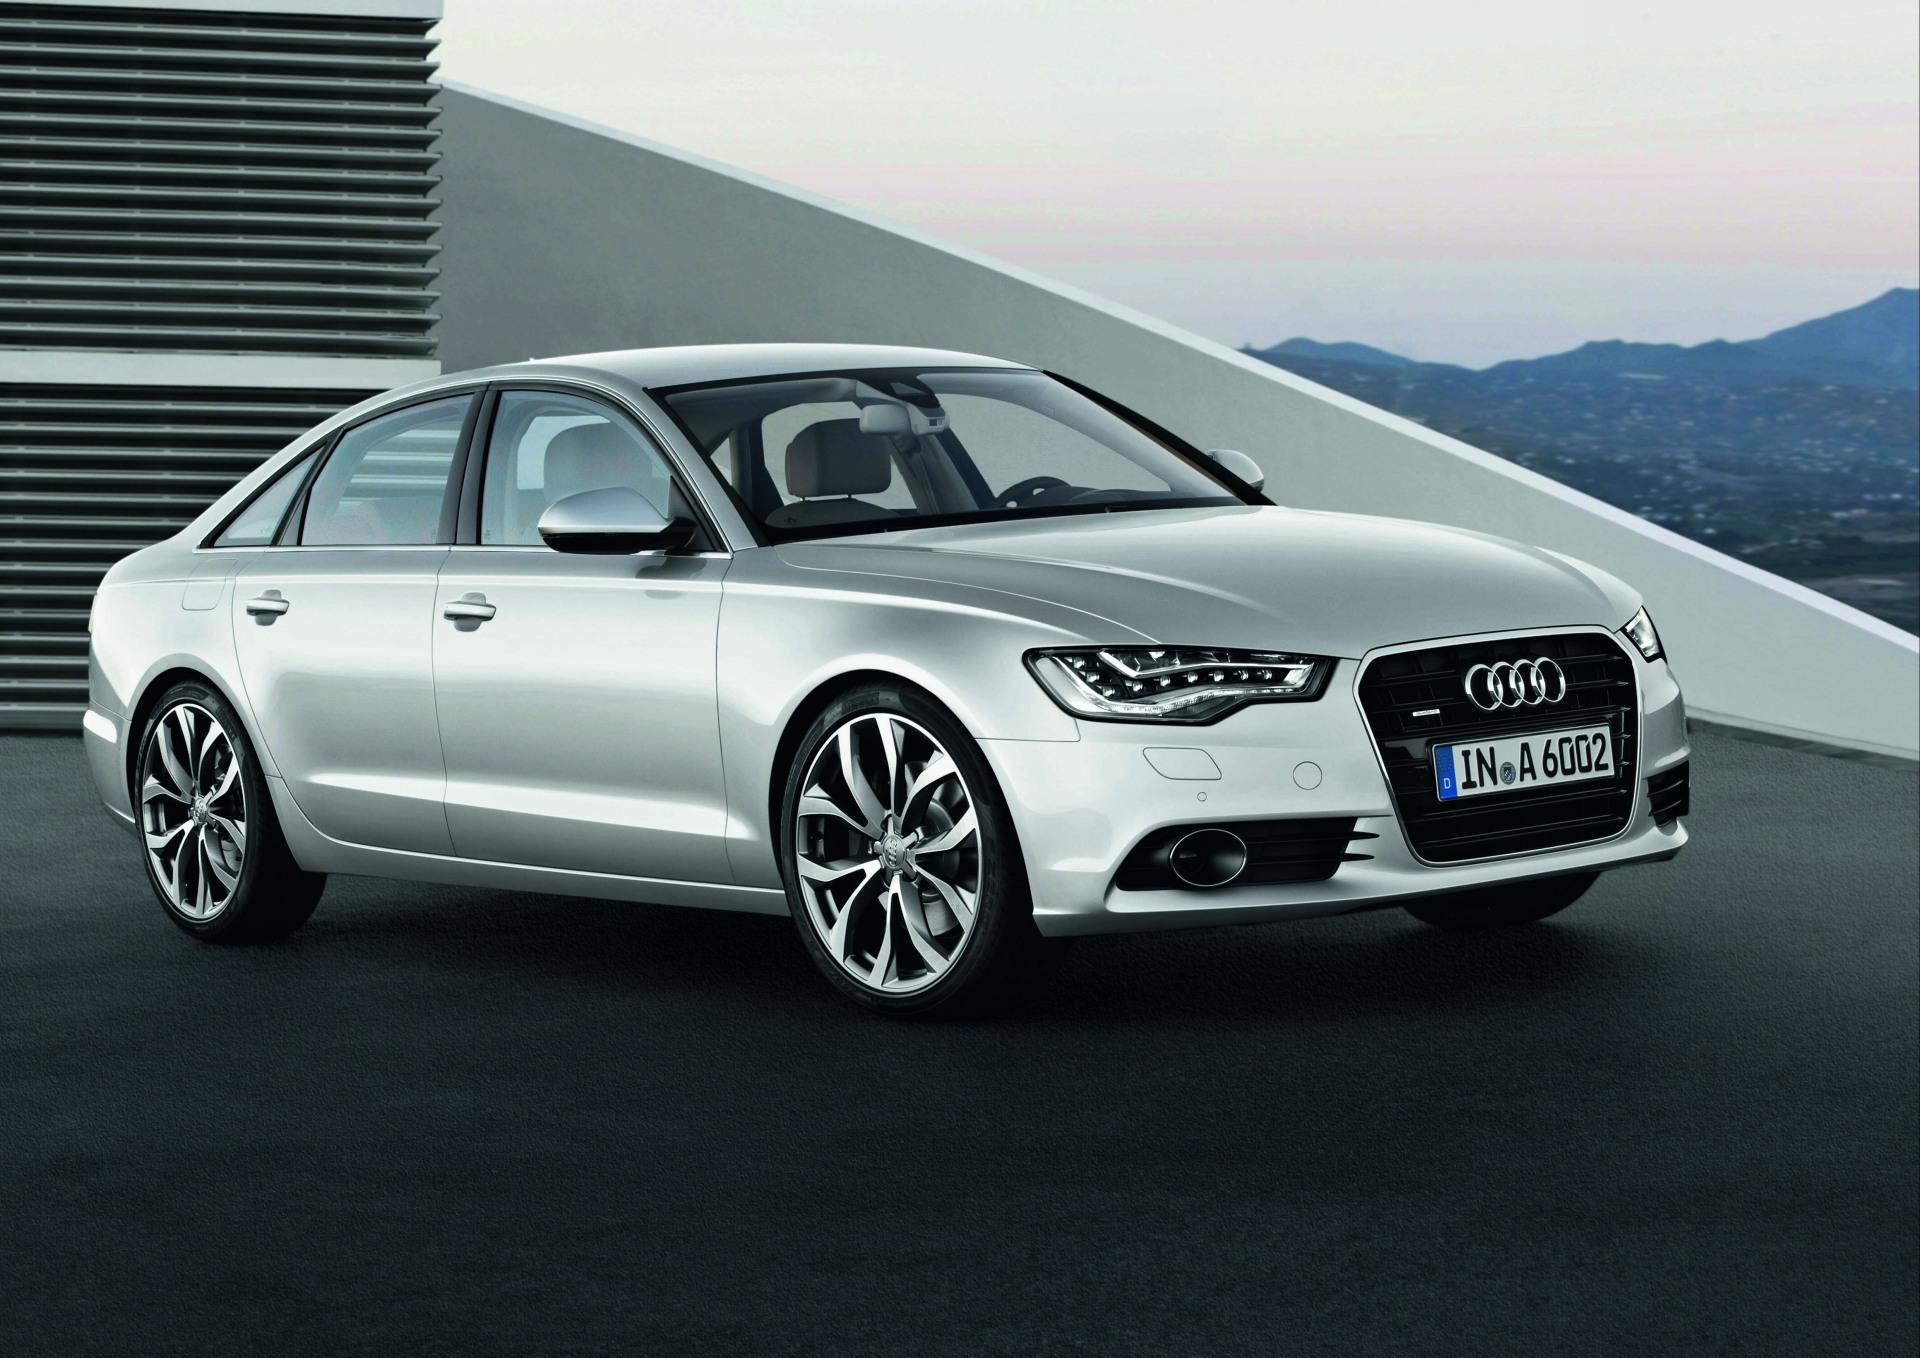 Kelebihan Kekurangan Audi A6 2011 Tangguh